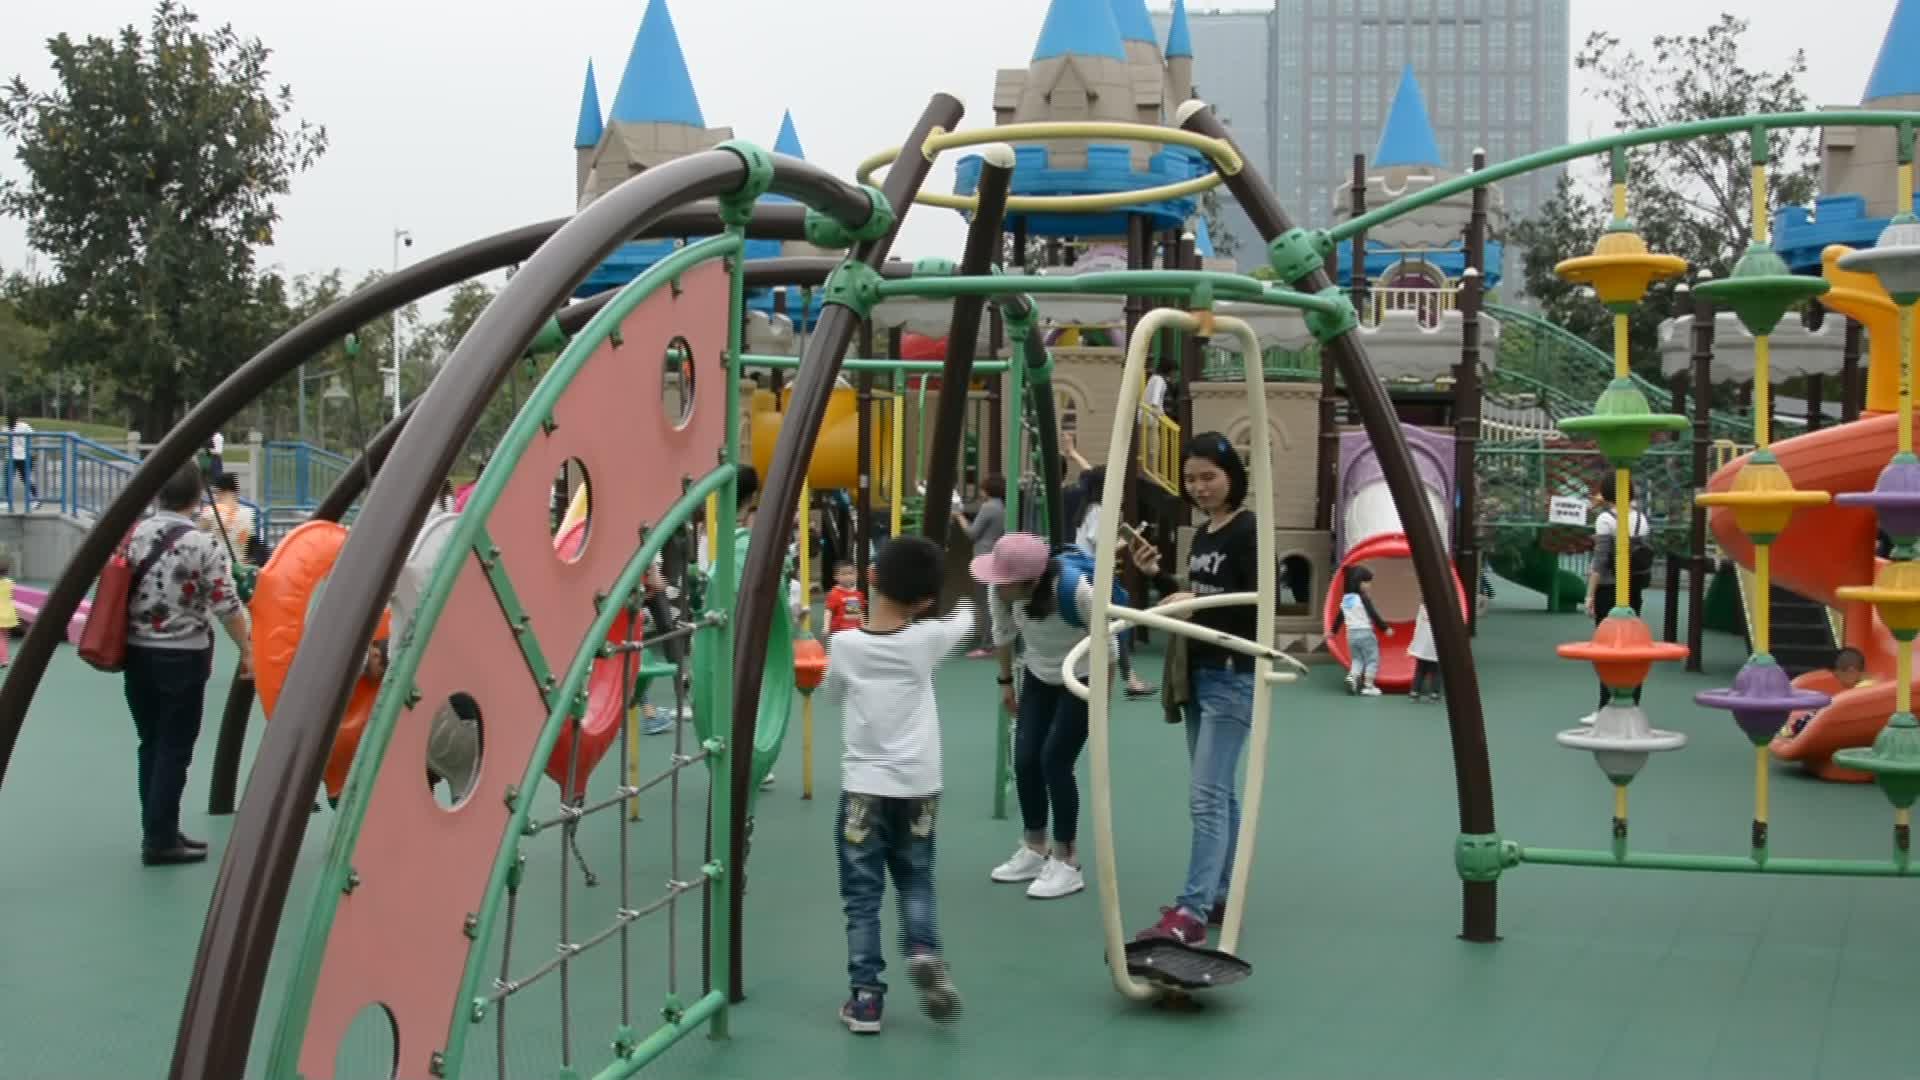 Amusement park slide water slides prices kids plastic slide for kids